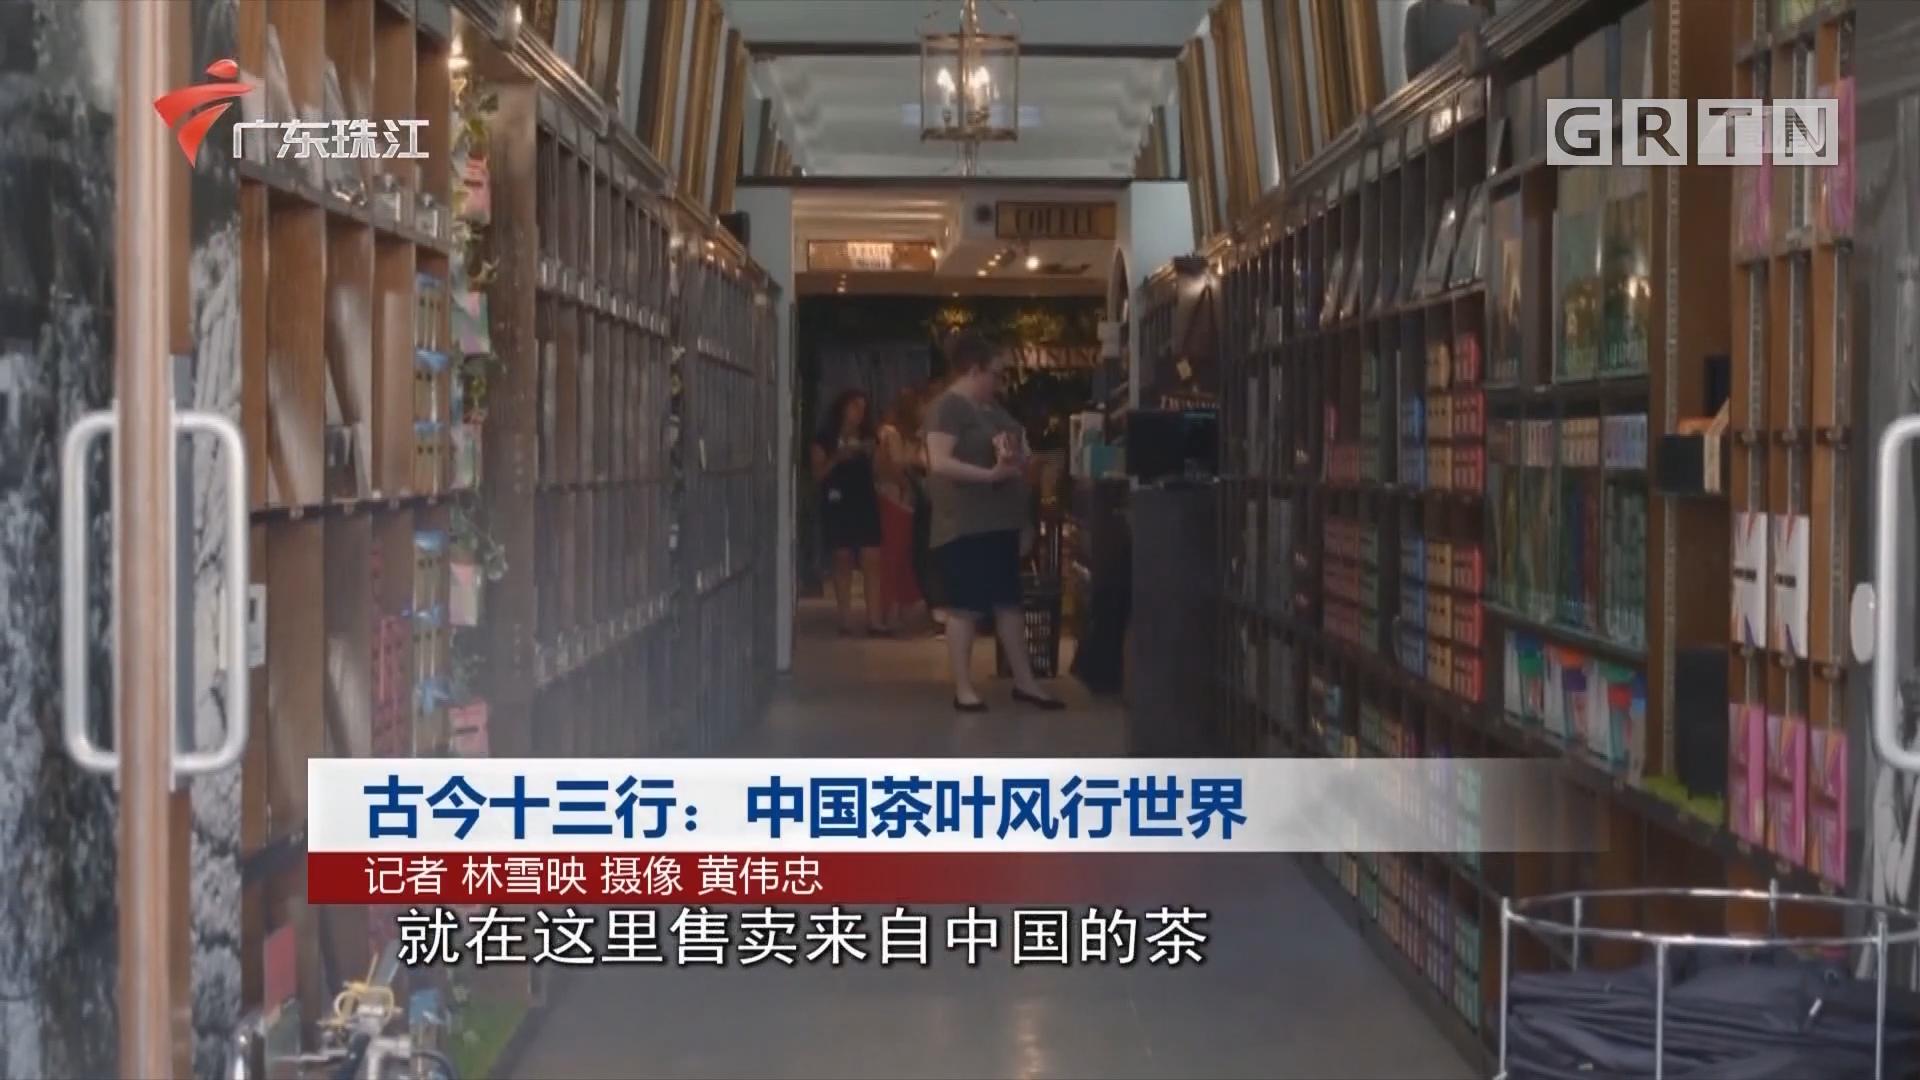 古今十三行:中国茶叶风行世界